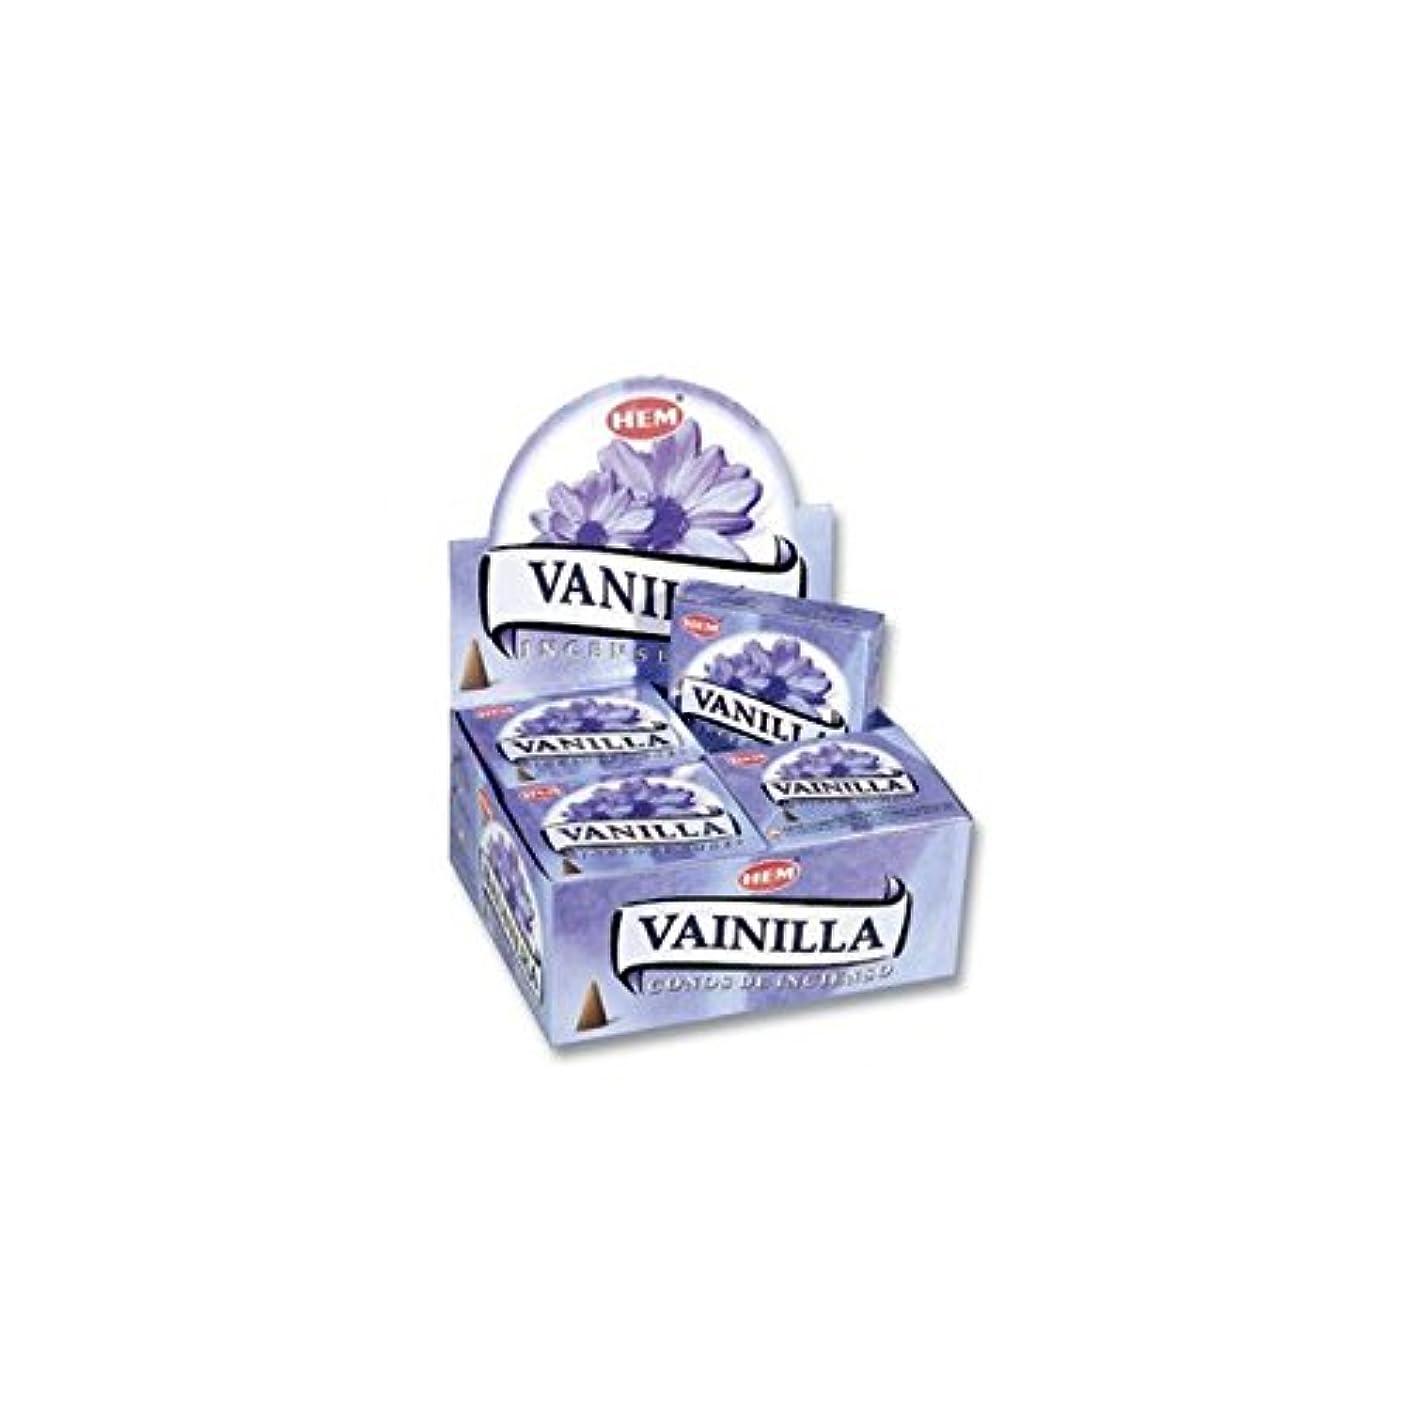 オール検出残酷なHEM お香 バニラ(VANILLA) コーンタイプ 1ケース(12箱入り) HEMお香